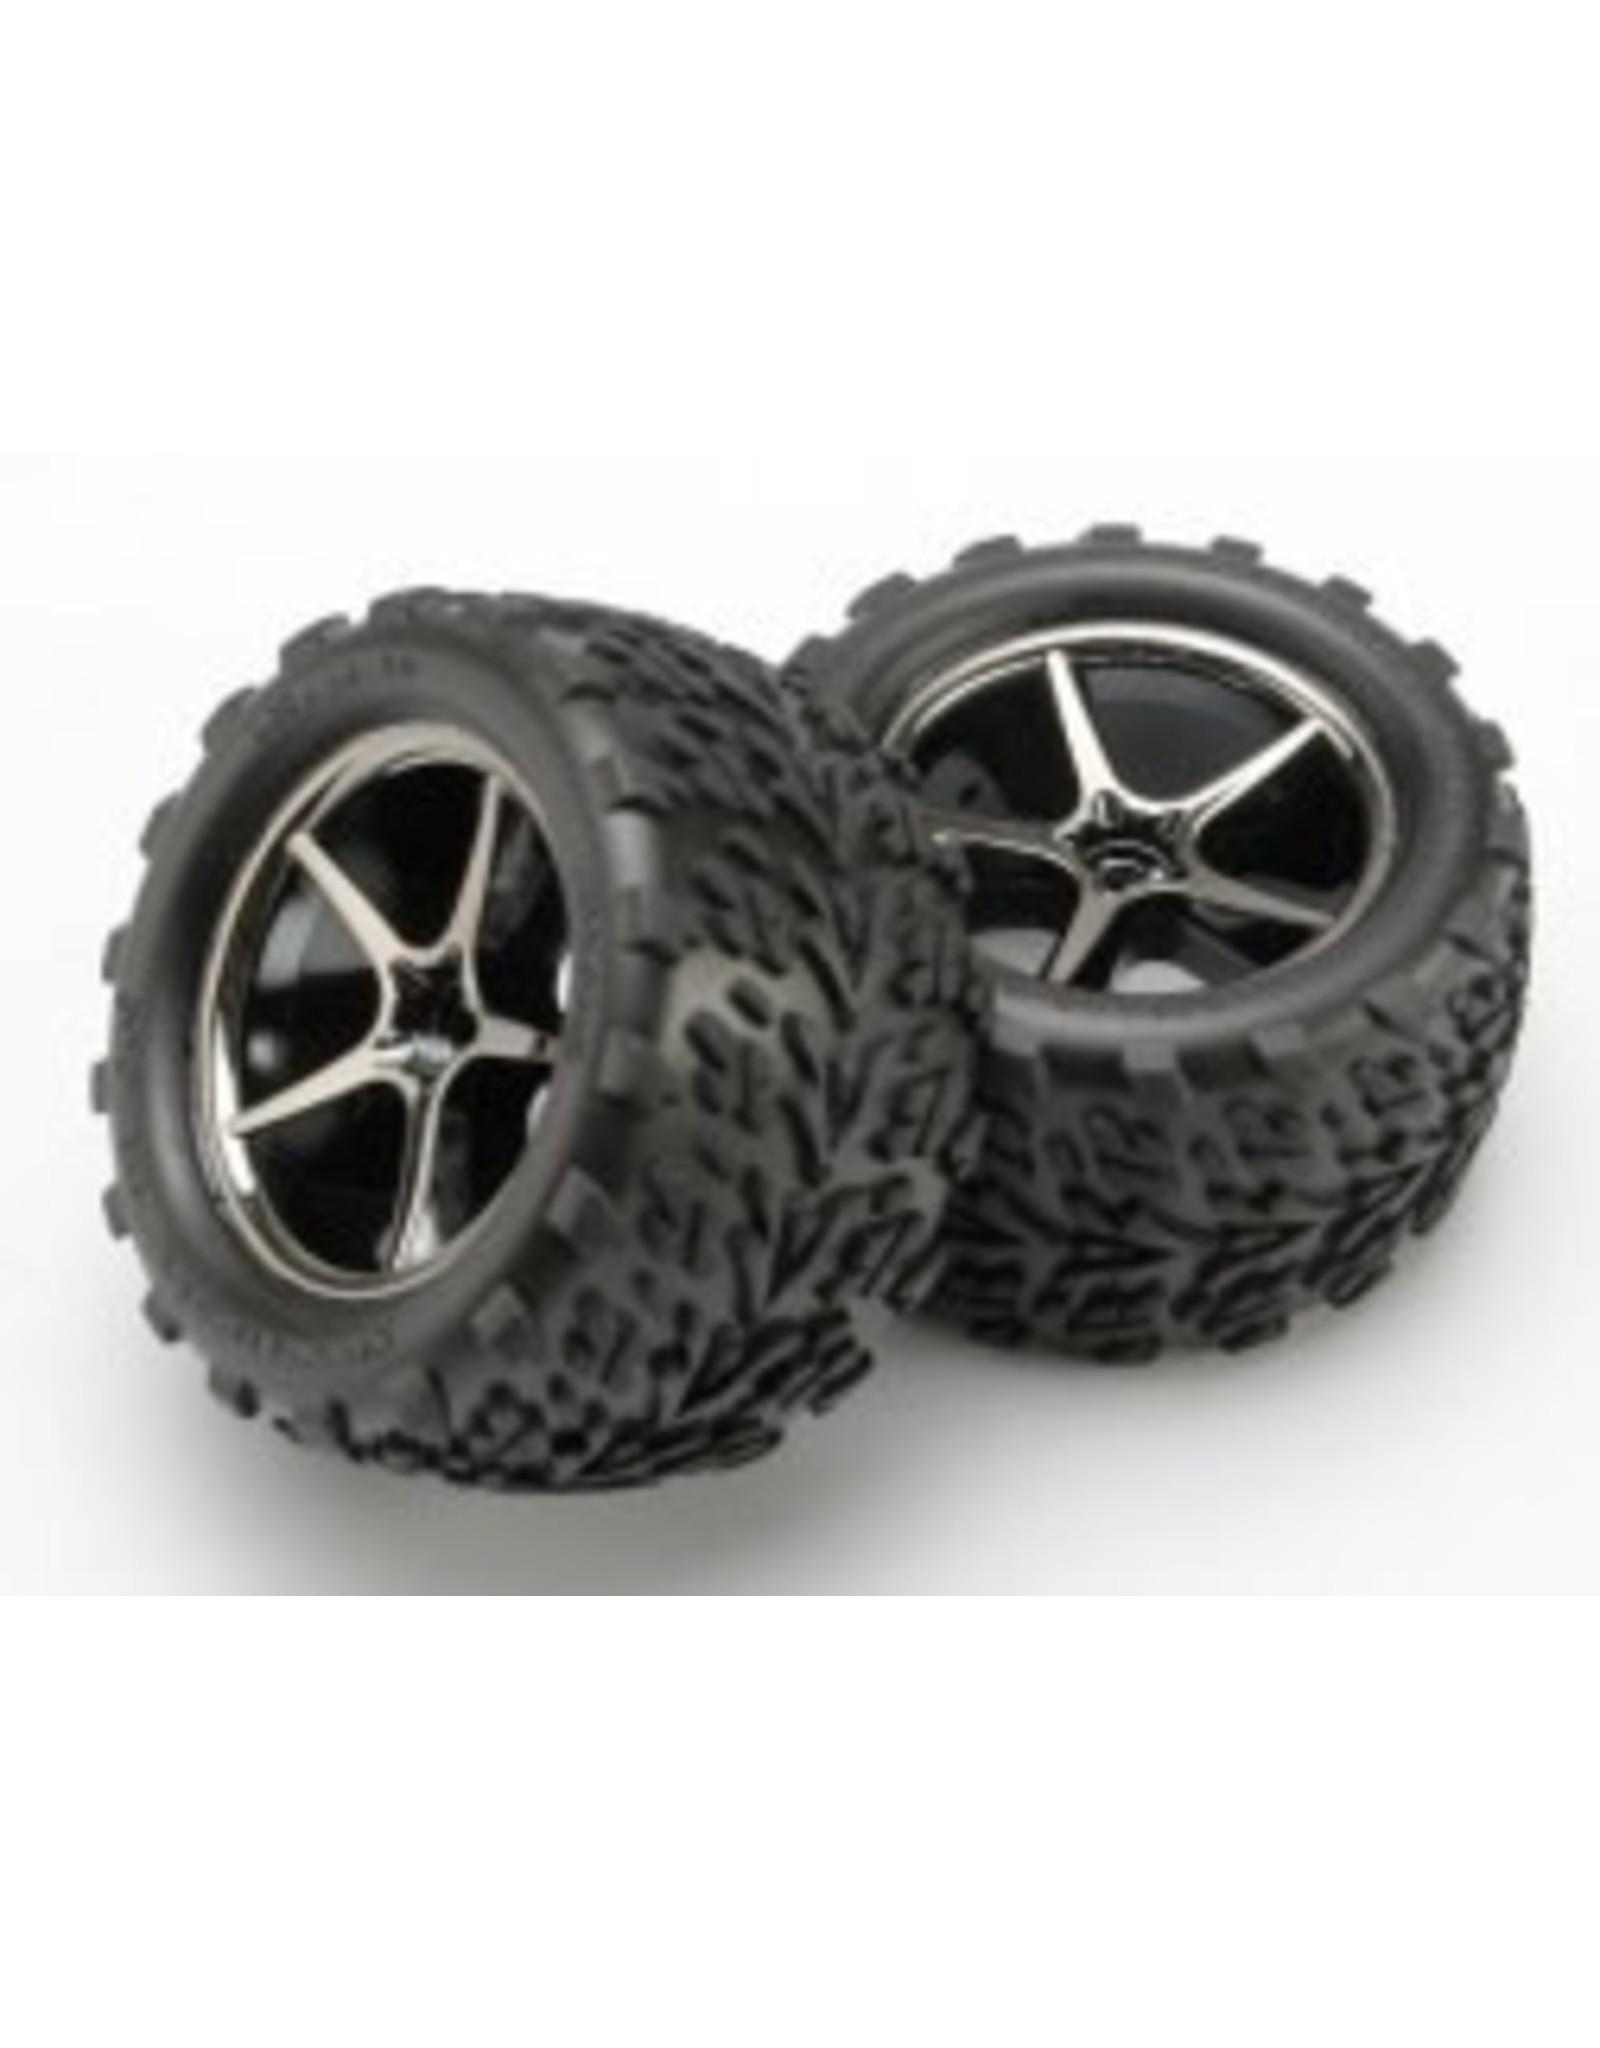 Traxxas Gemini Blk Chrome Wheels,Talon Tires (2): 1/16 ERV (7174A)